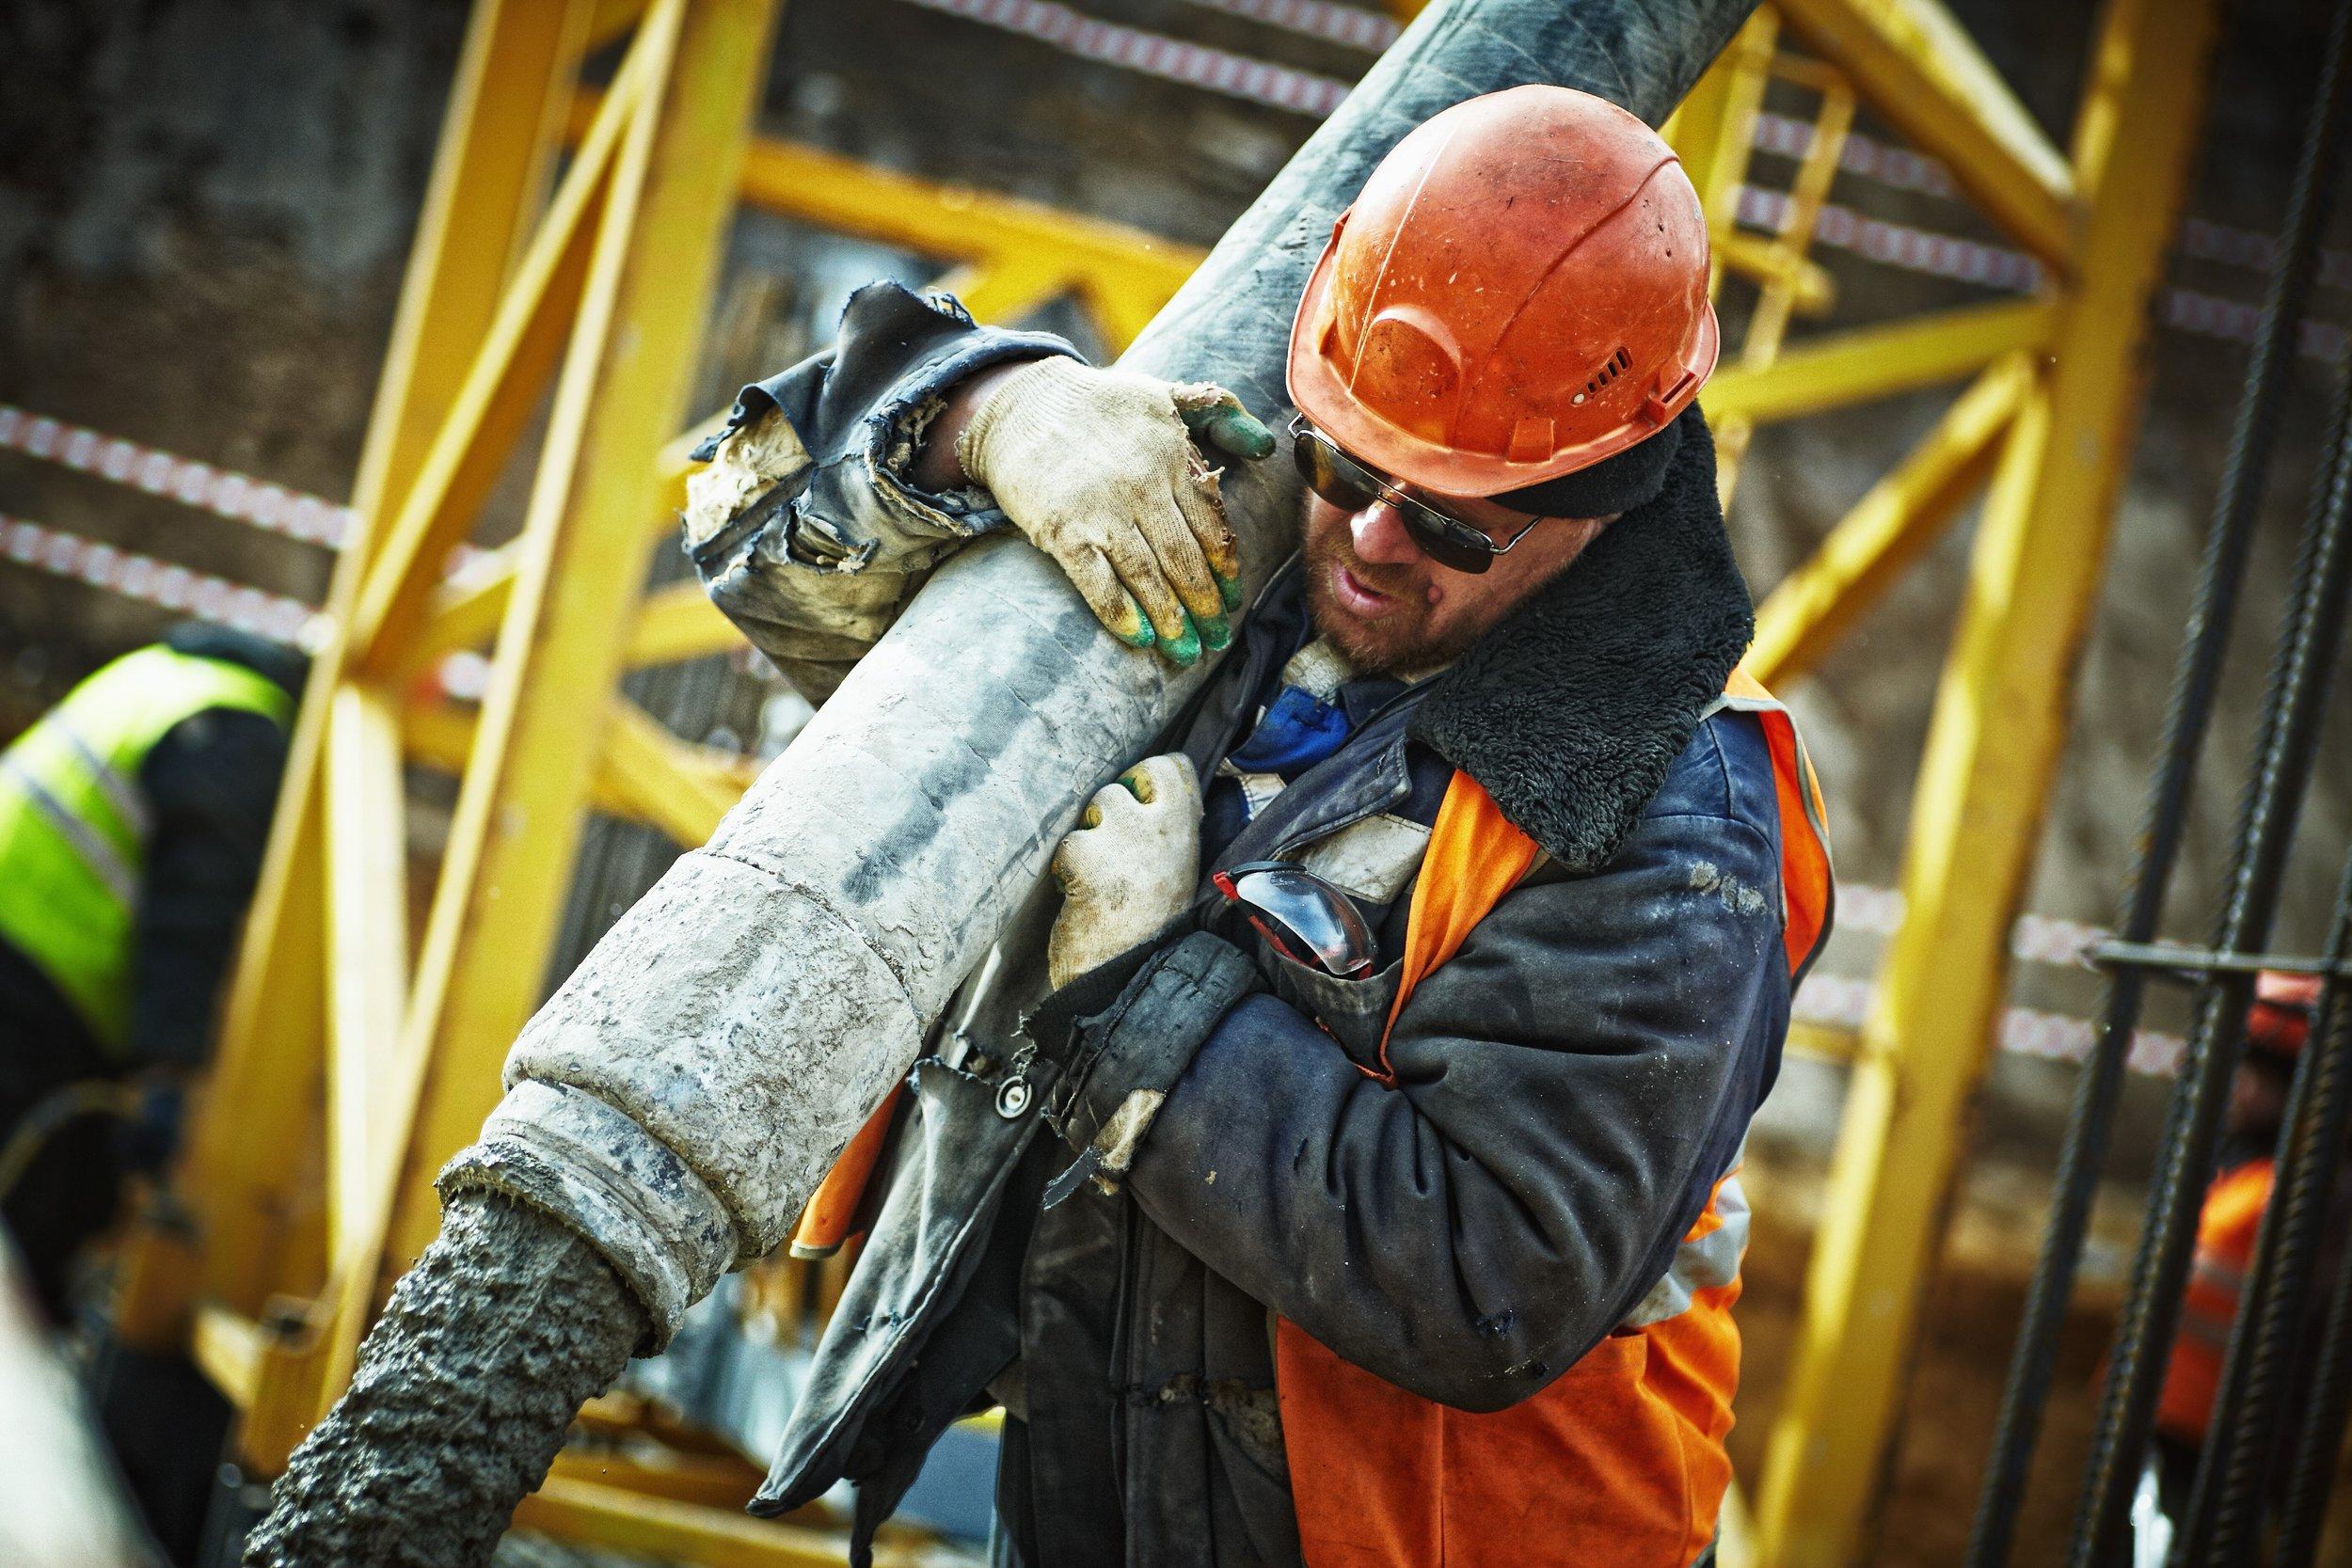 Builder or Contractor Working